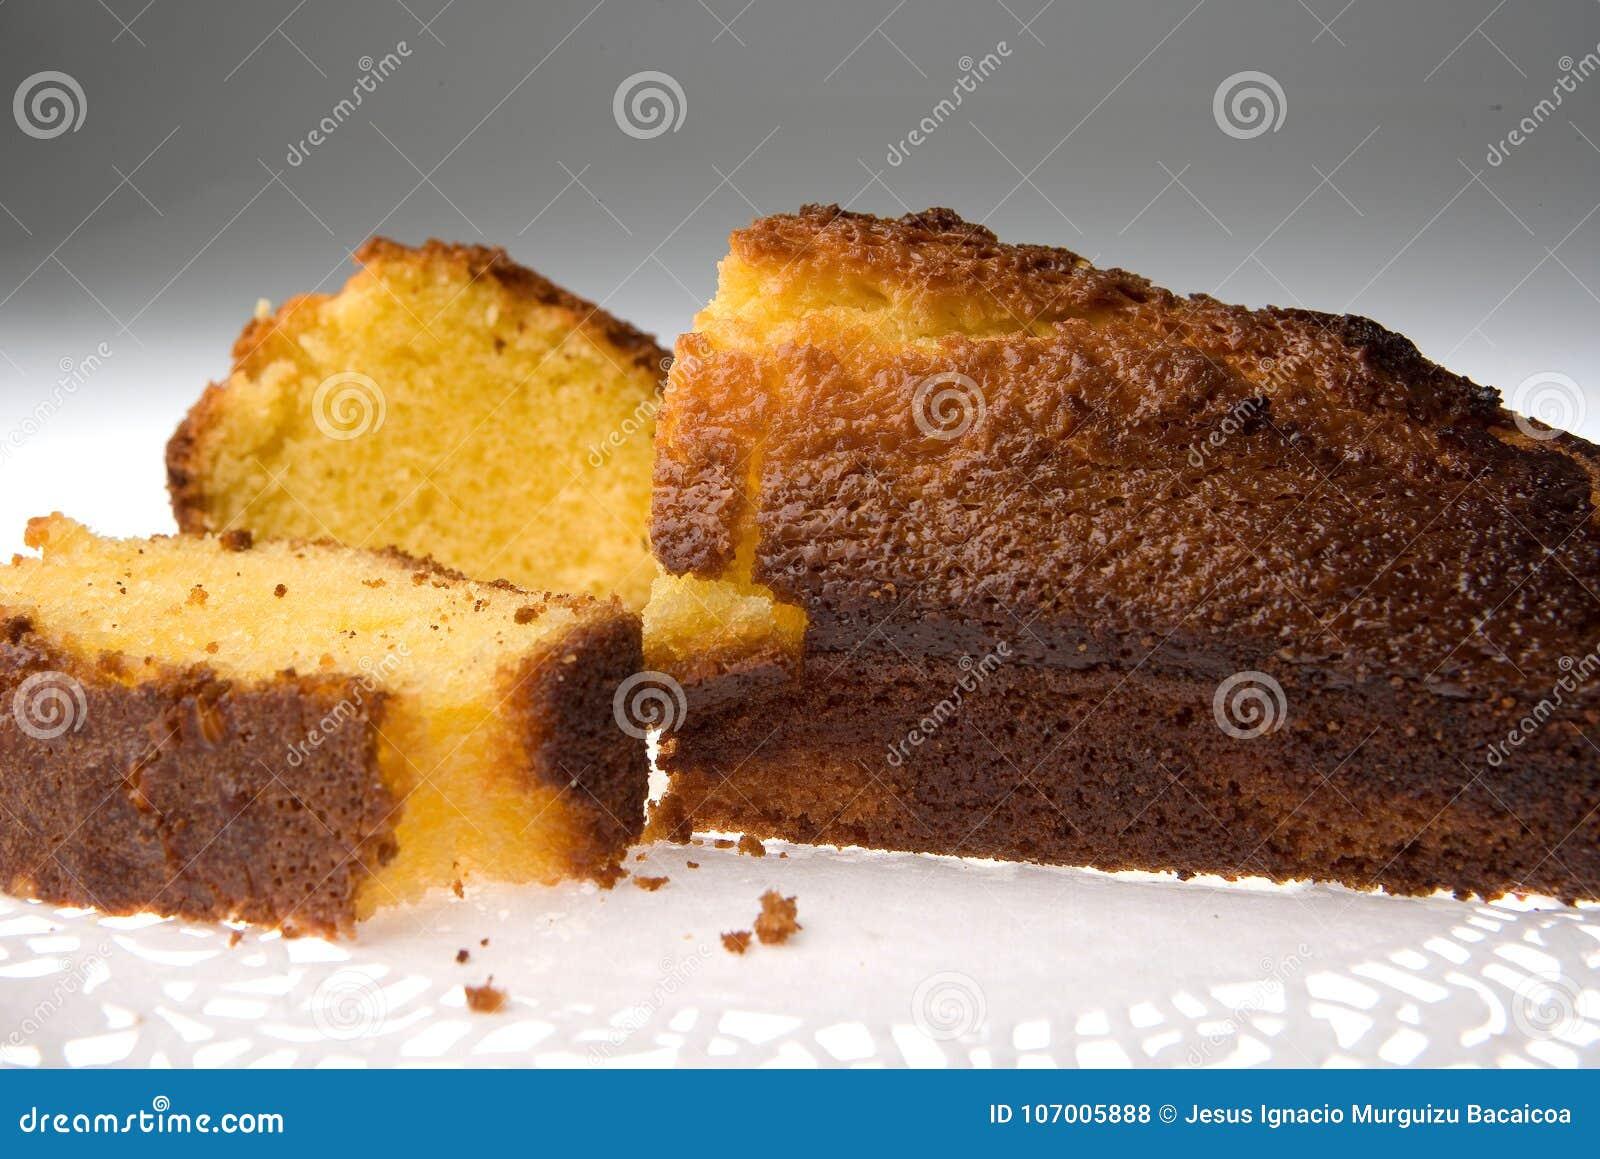 Odłupany tort 1